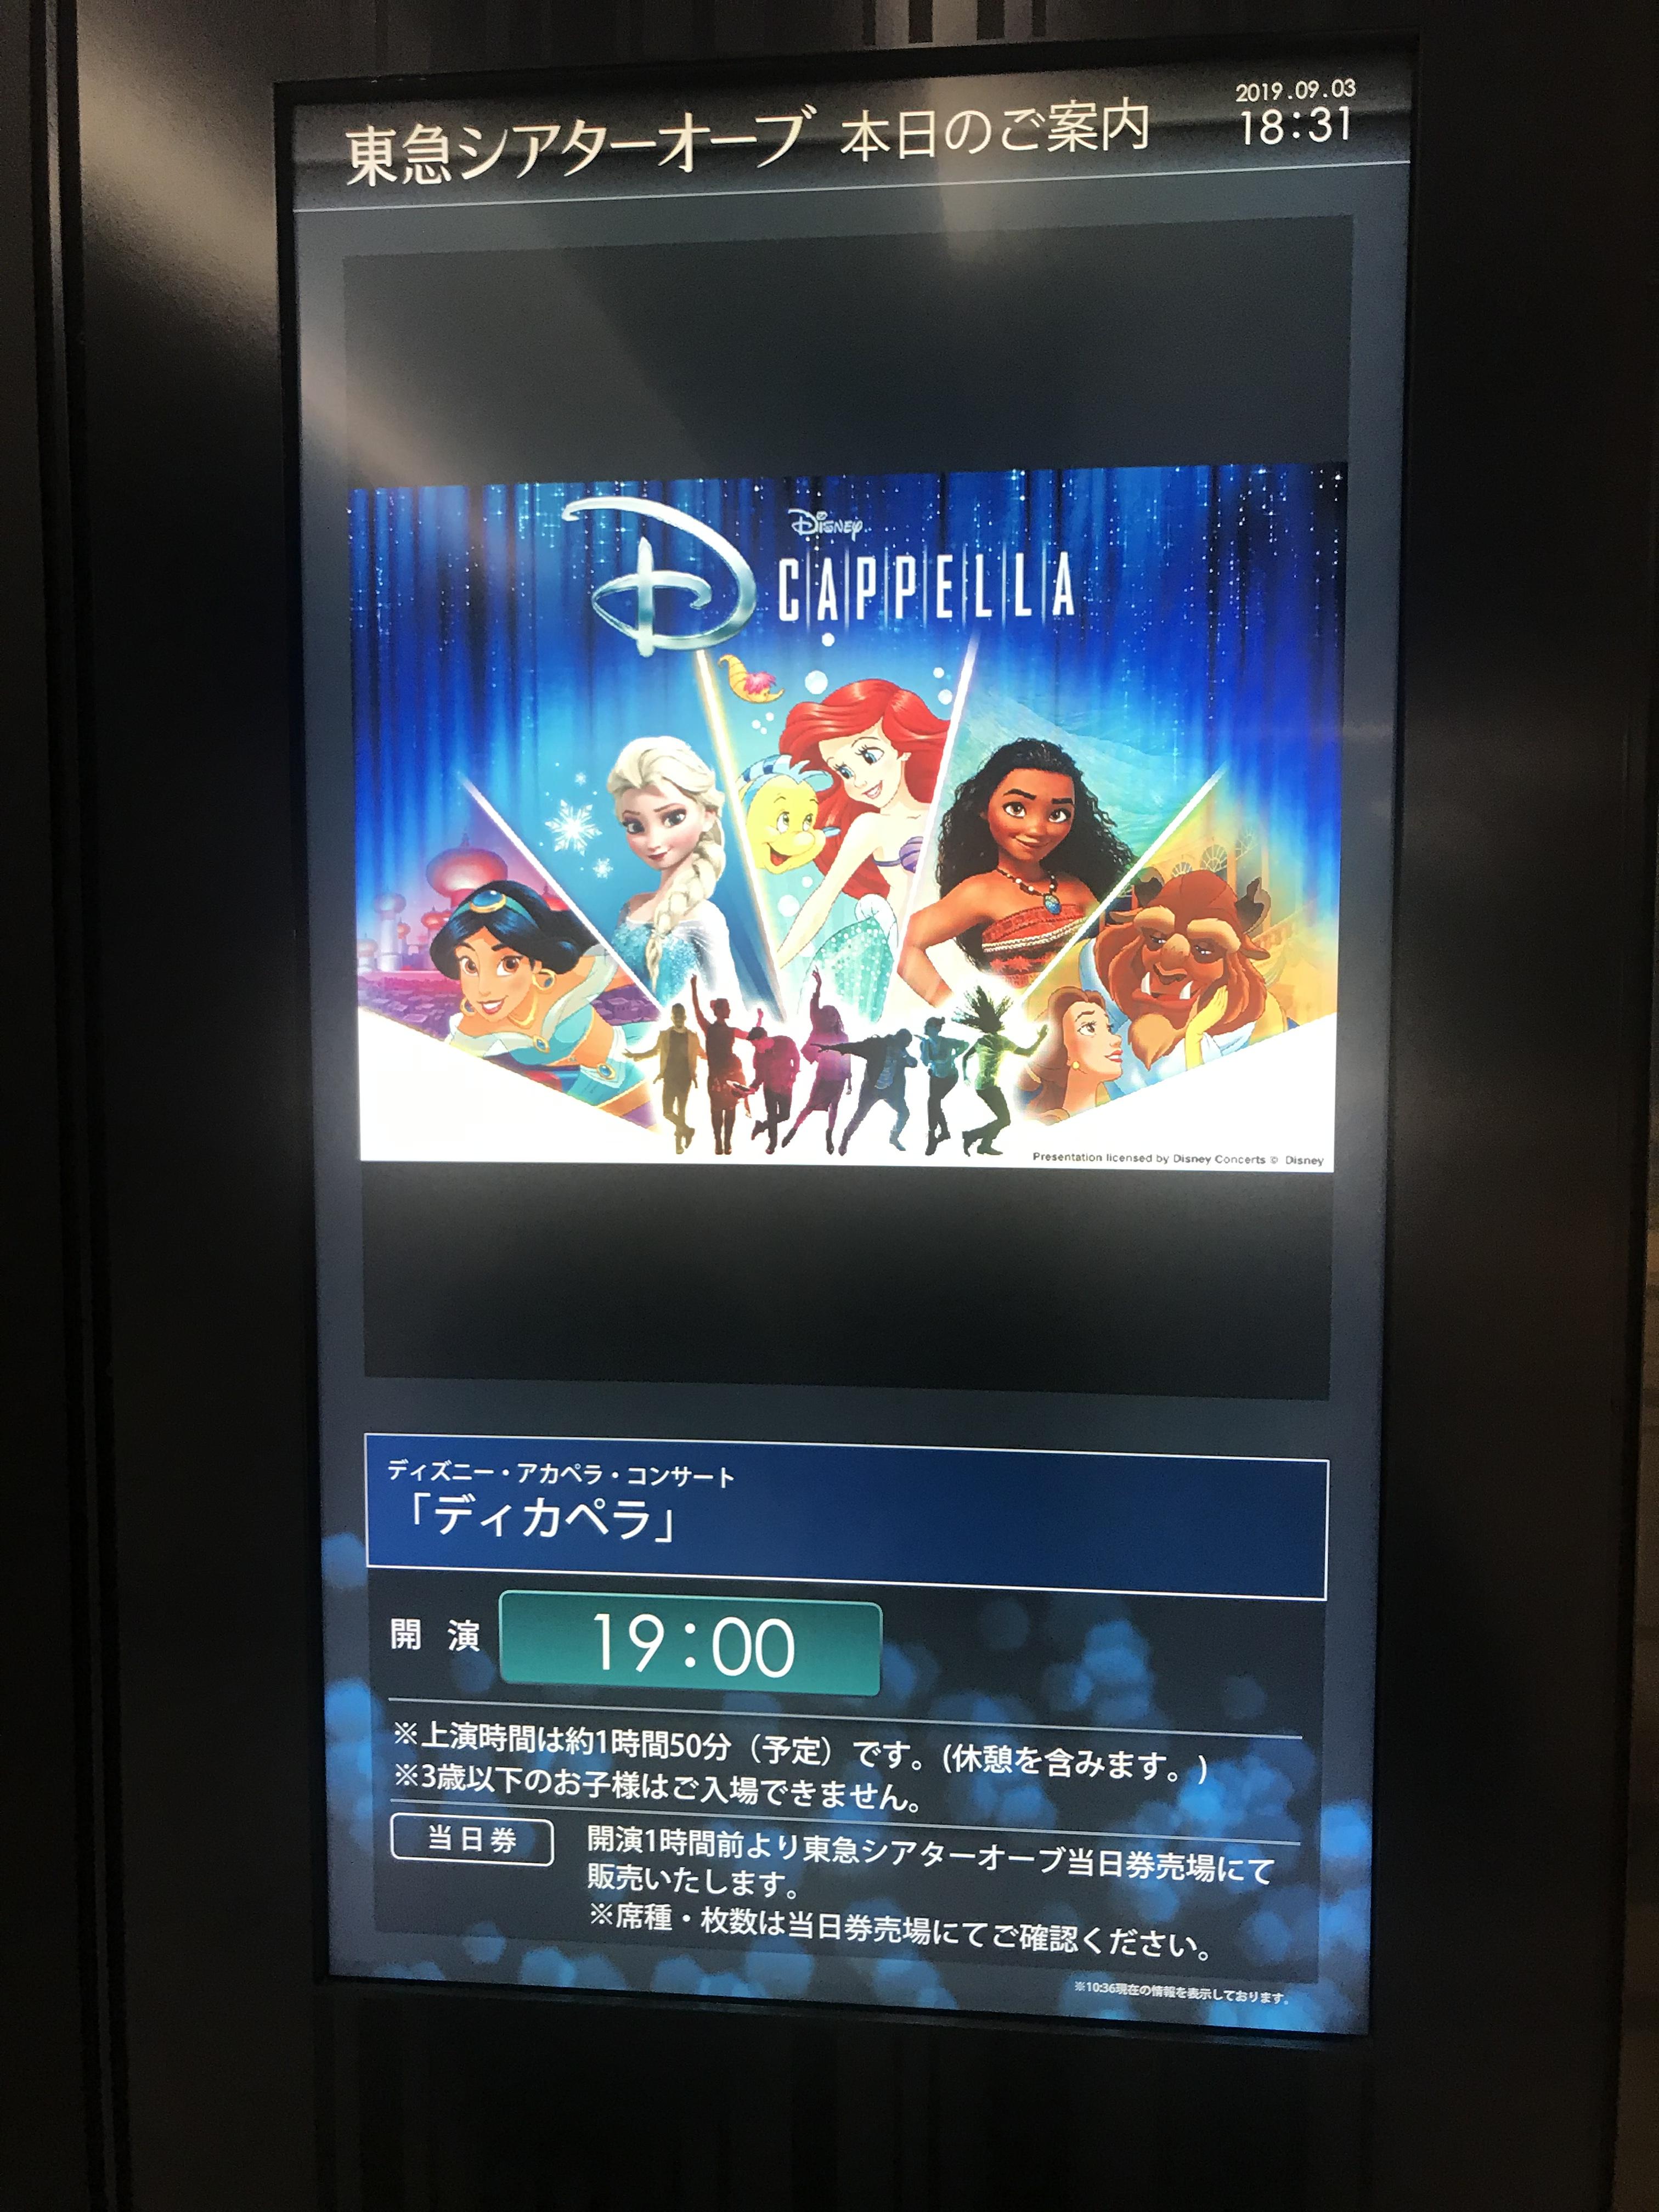 【2019】ディカペラ行って来たら最高でした。VIP席の特典内容は?@東急シアターオーブ